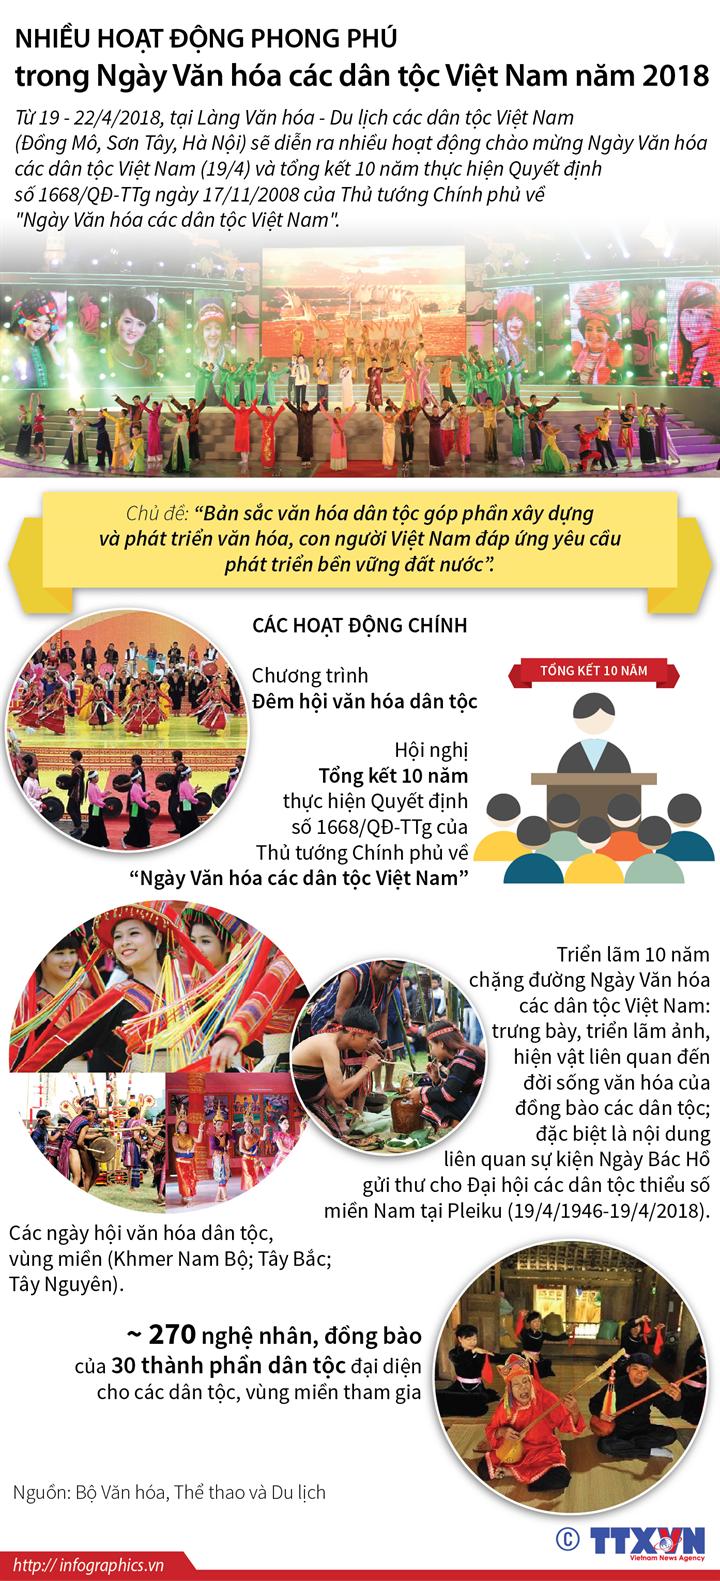 Nhiều hoạt động phong phú trong Ngày Văn hóa các dân tộc Việt Nam năm 2018